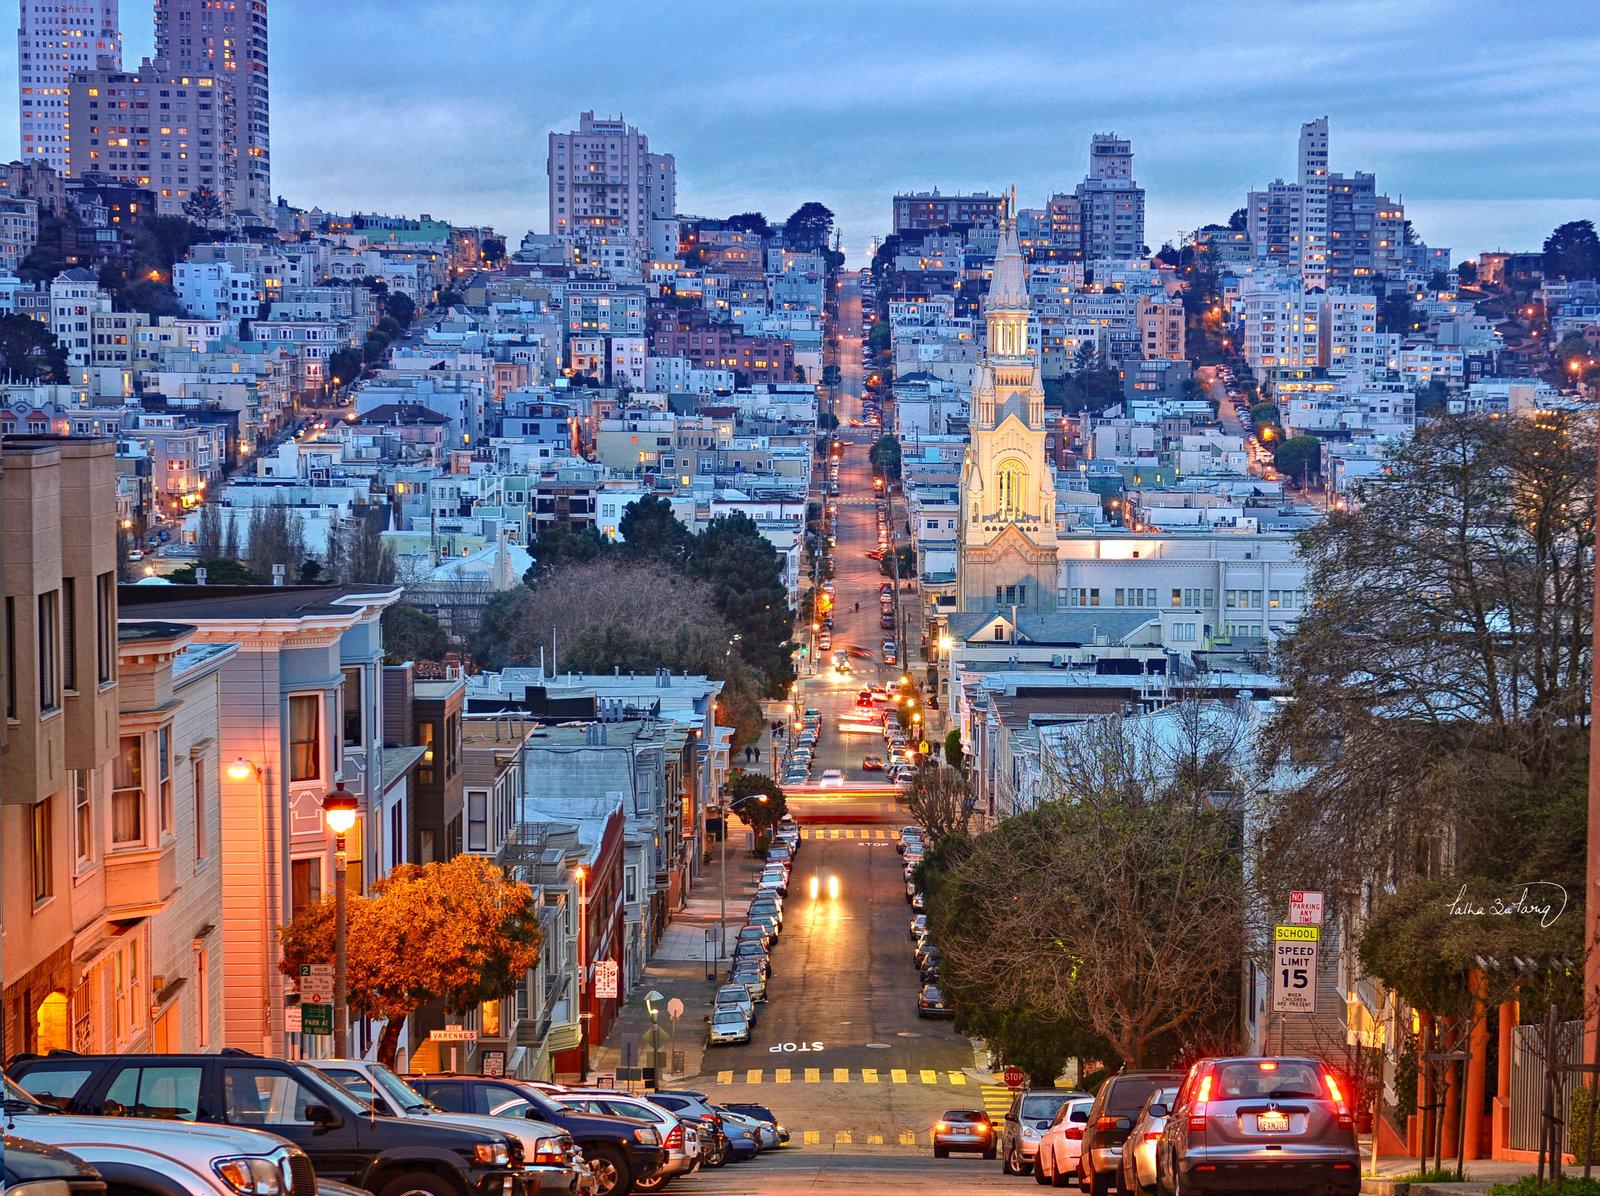 报告显示,旧金山的房主们要付超过16000美元的额外费用